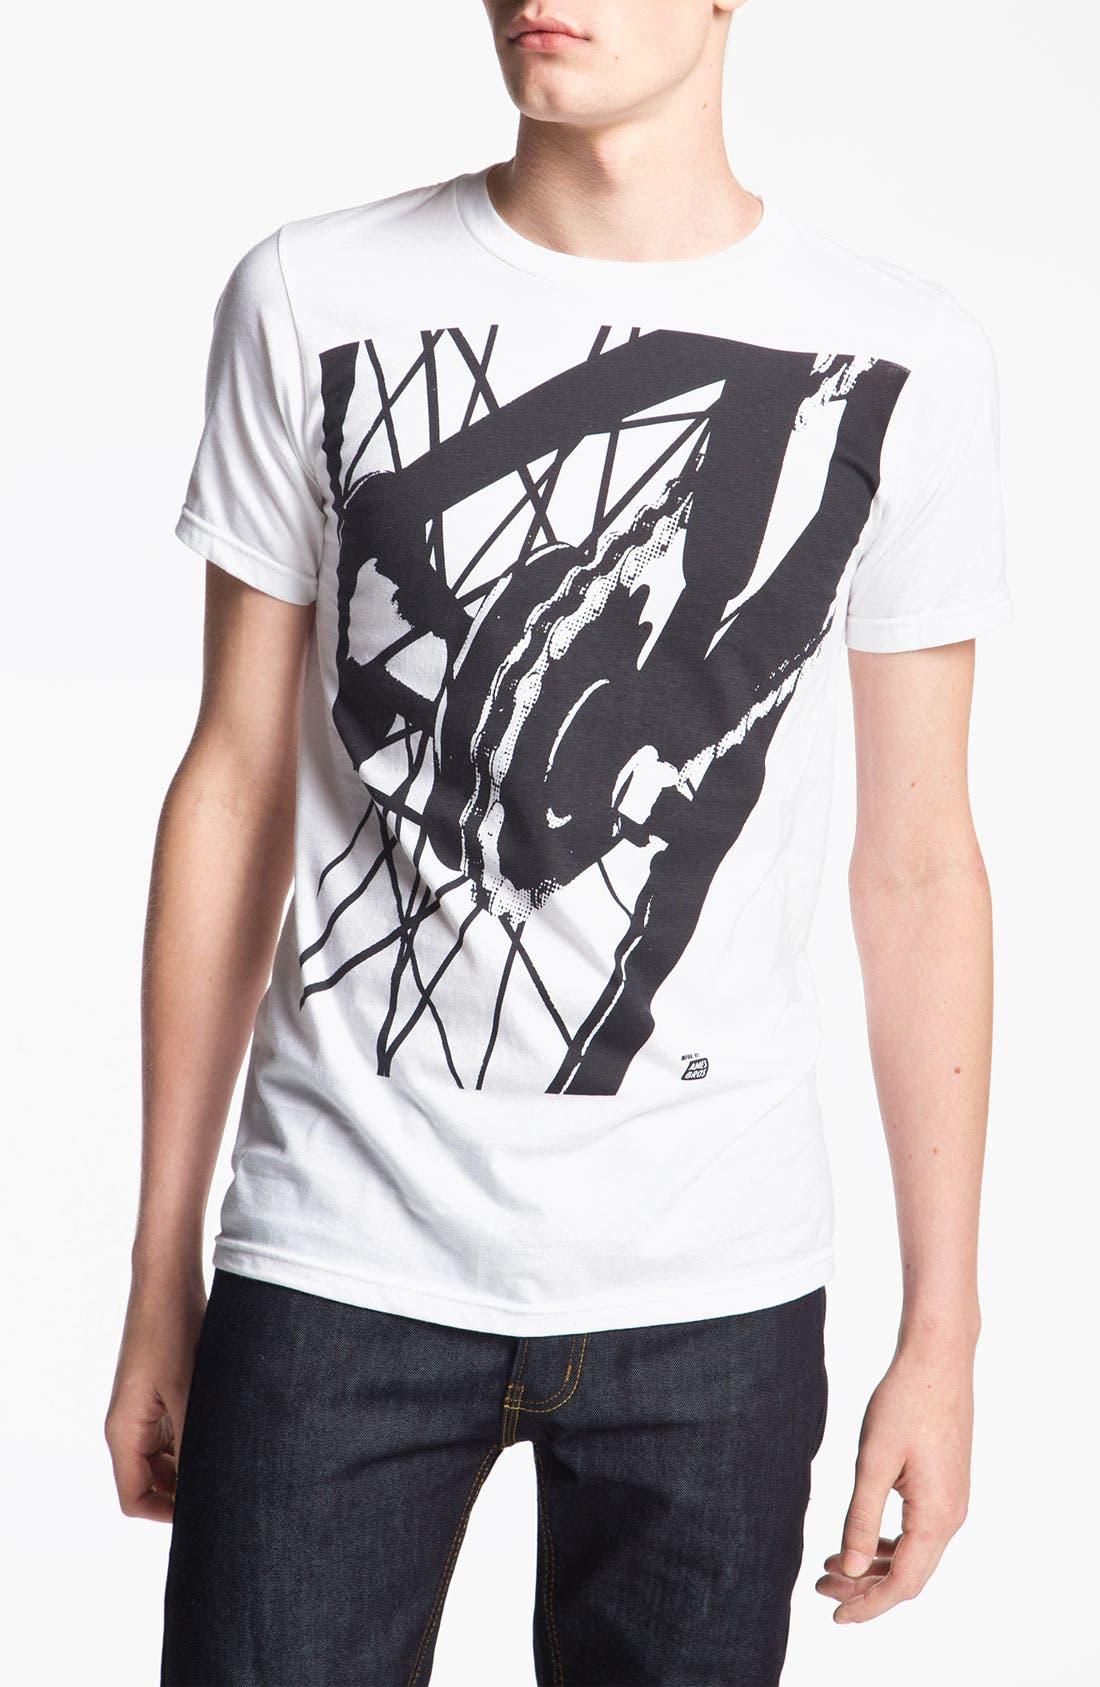 Main Image - Ames Bros 'Fixed Gear' T-Shirt